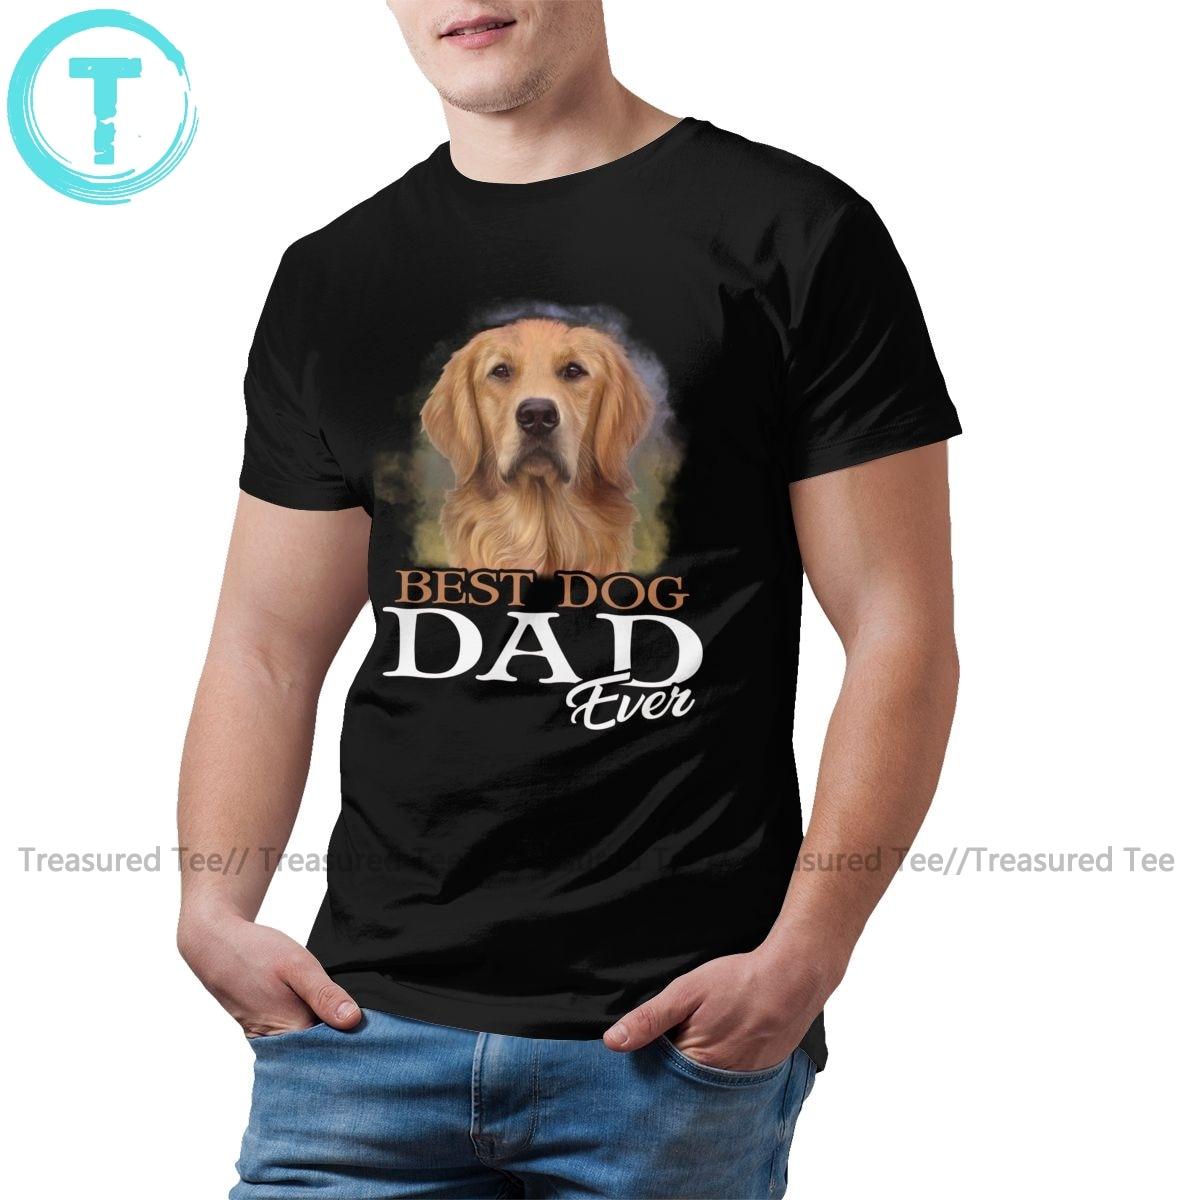 Golden Retriever Dog T Shirt Mens Best Dog Dad Ever Golden Retriever T-Shirt Streetwear Print Tee Shirt Cotton Tshirt